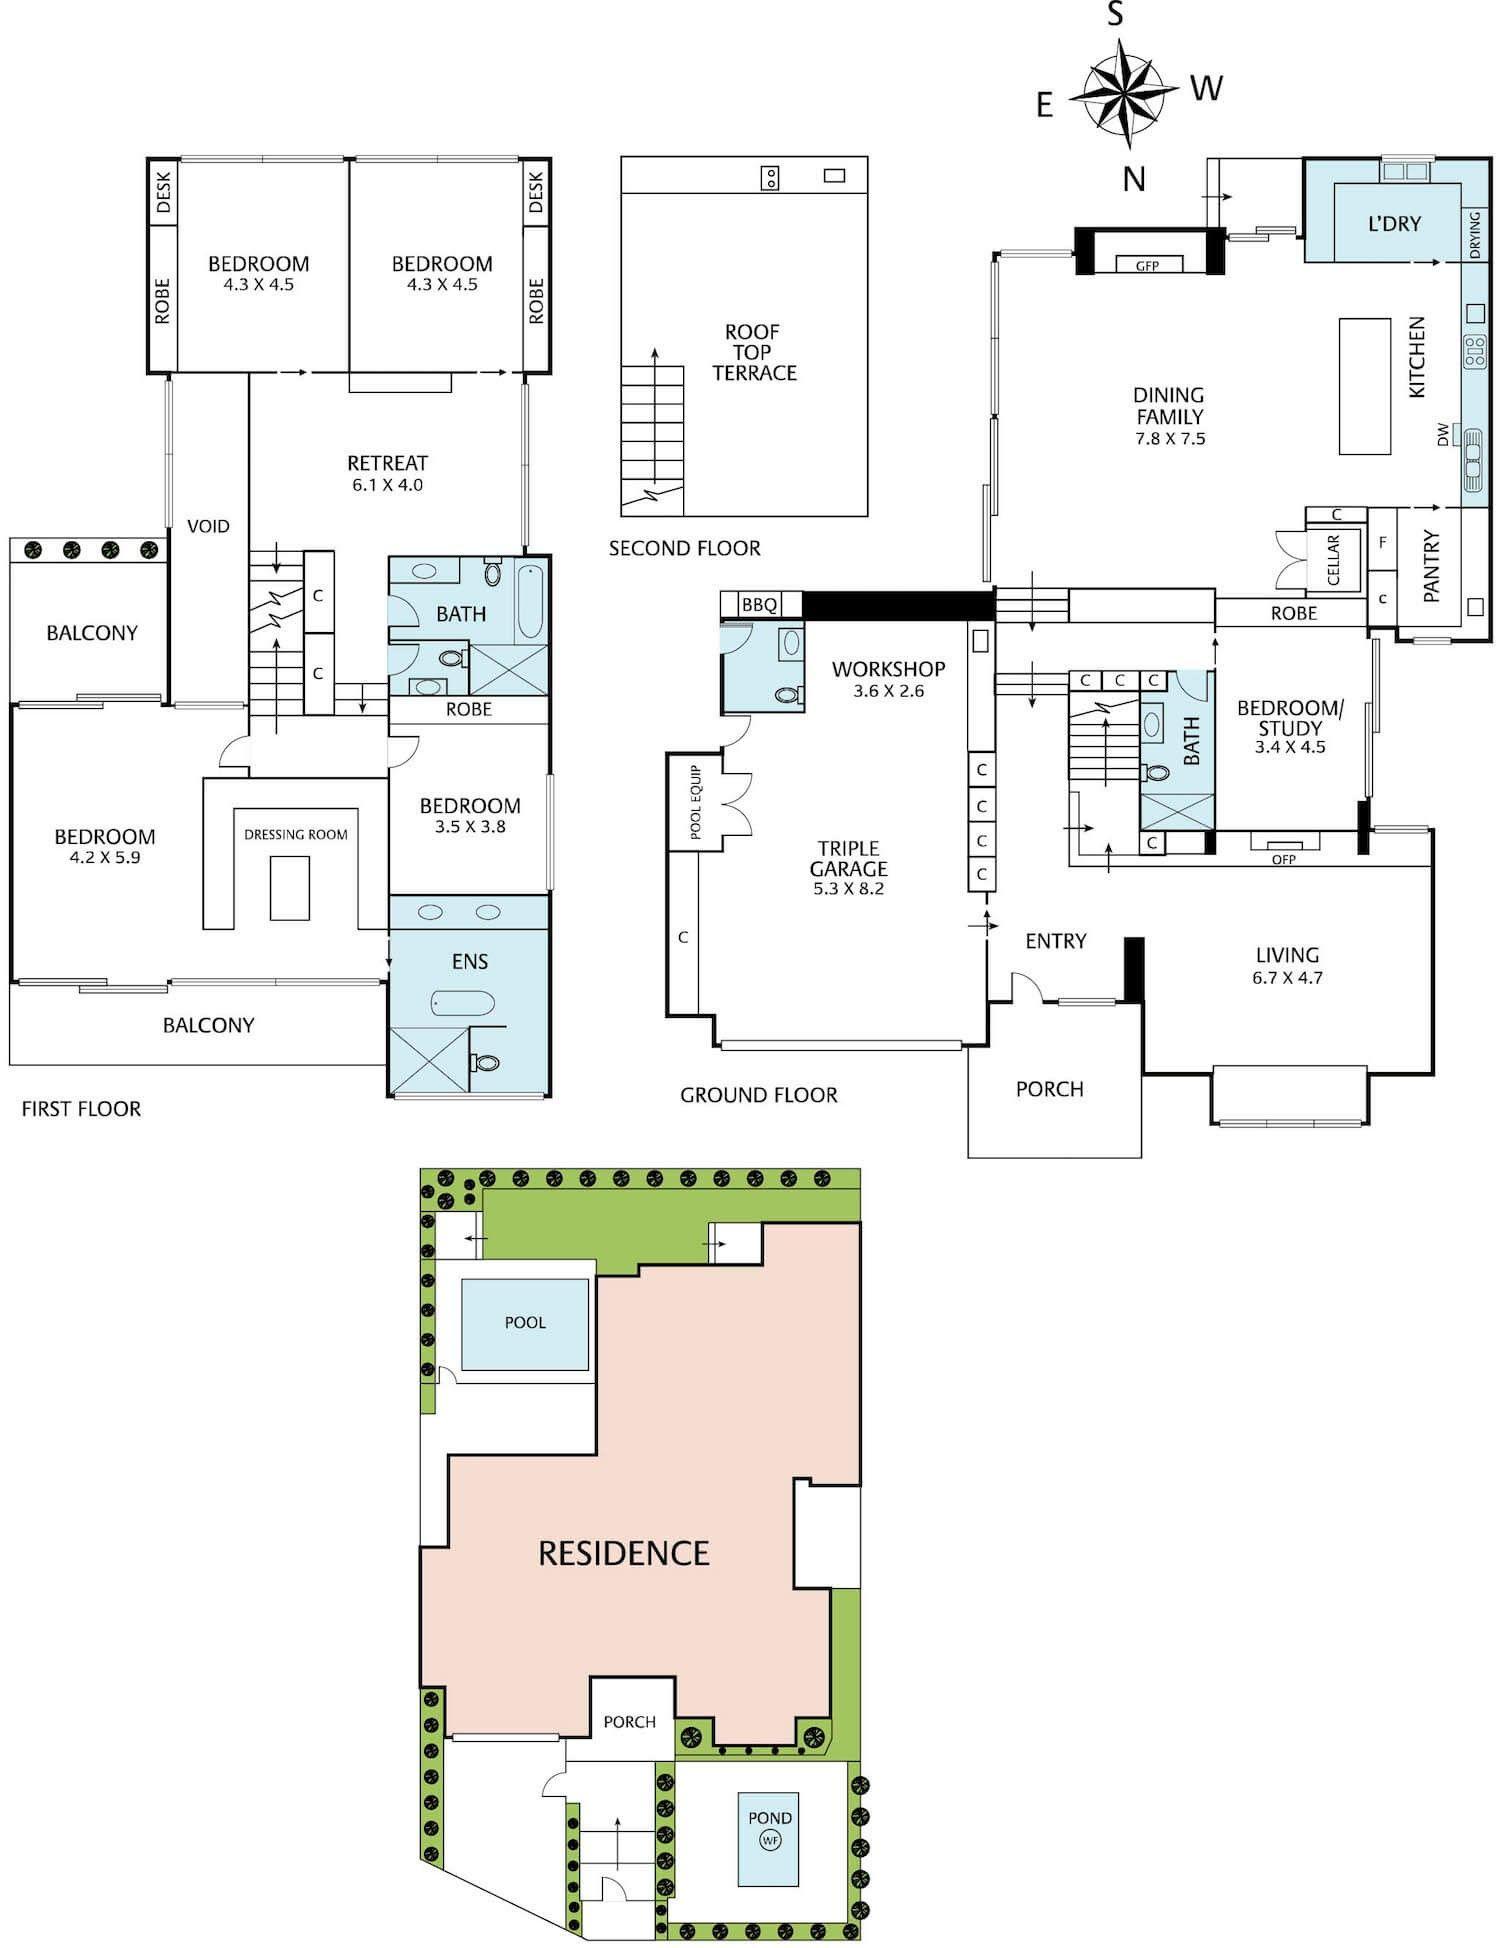 Planos de la casa, distribución y diseño del interior